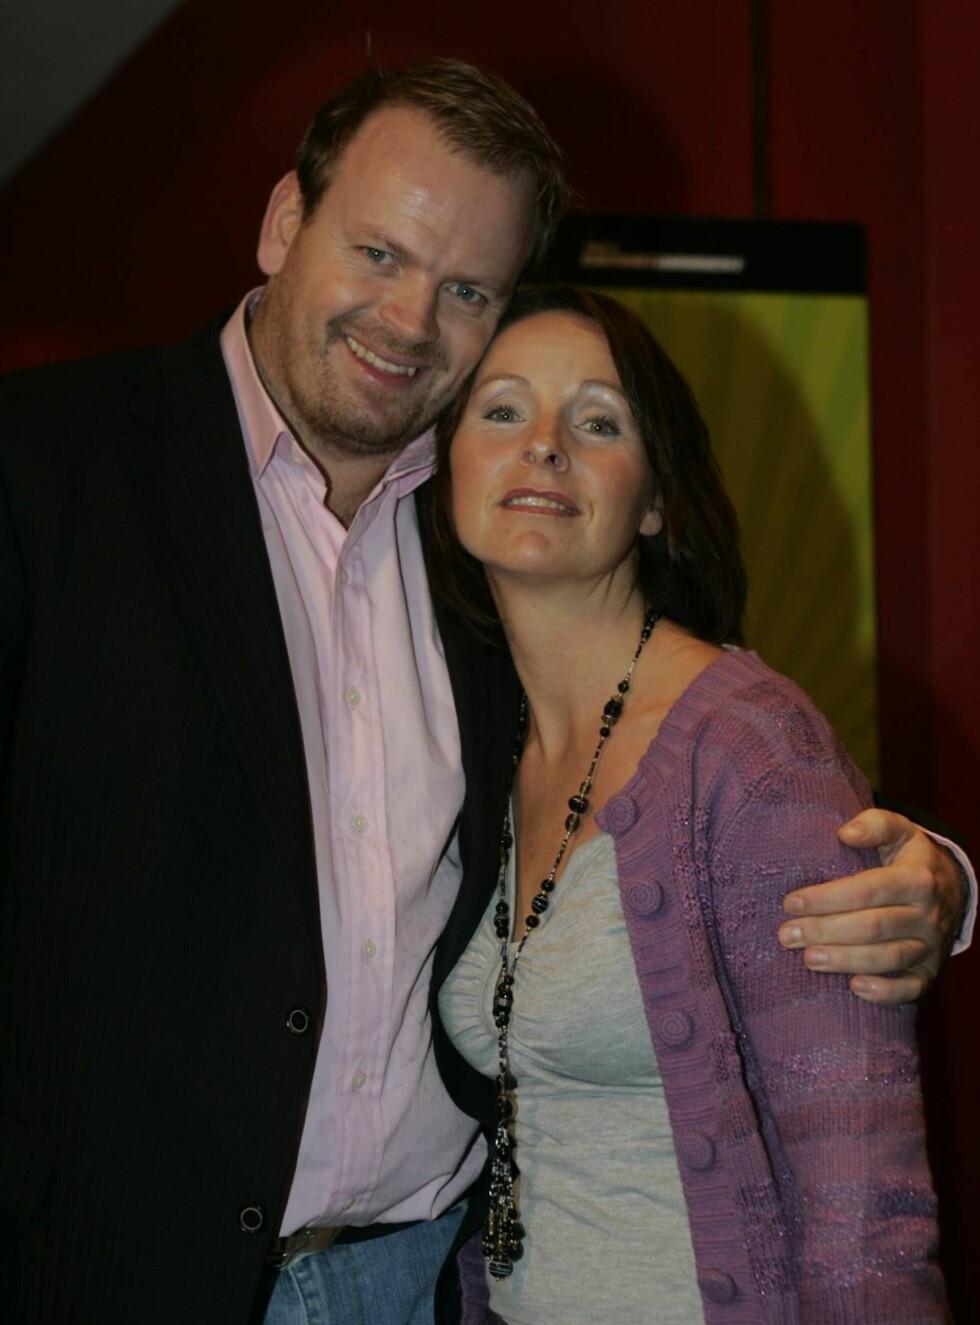 STØTTE: Tommy har fått god støtte gjennom den tøffe tiden av kona Linda Karlsen. Foto: Stella Pictures